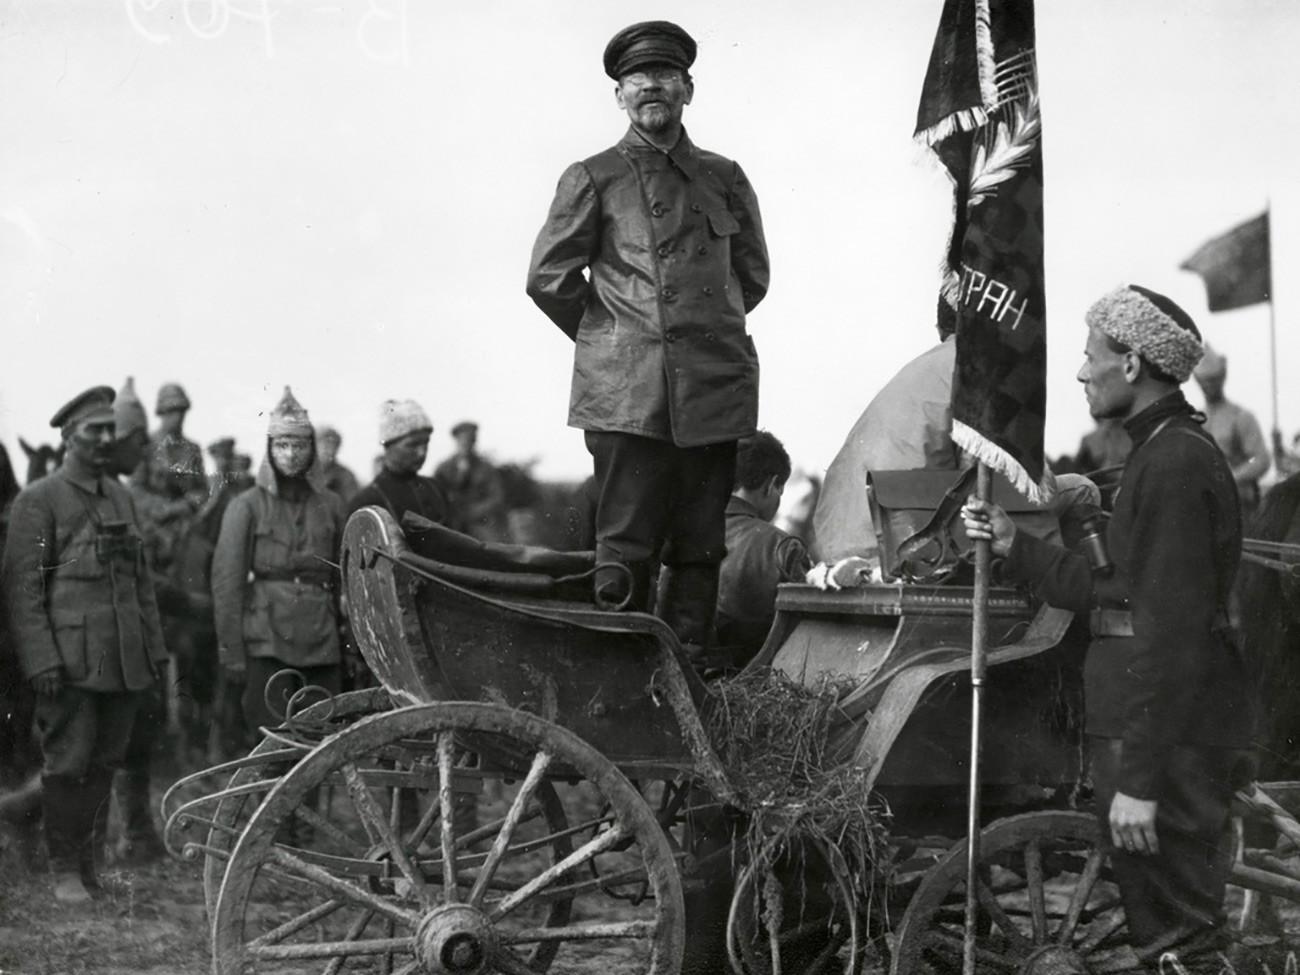 Михаил Иванович Калињин држи говор. Он је током грађанског рата водио пропаганду на фронтовима, где је држао говоре у јединицама Црвене армије и пред мештанима